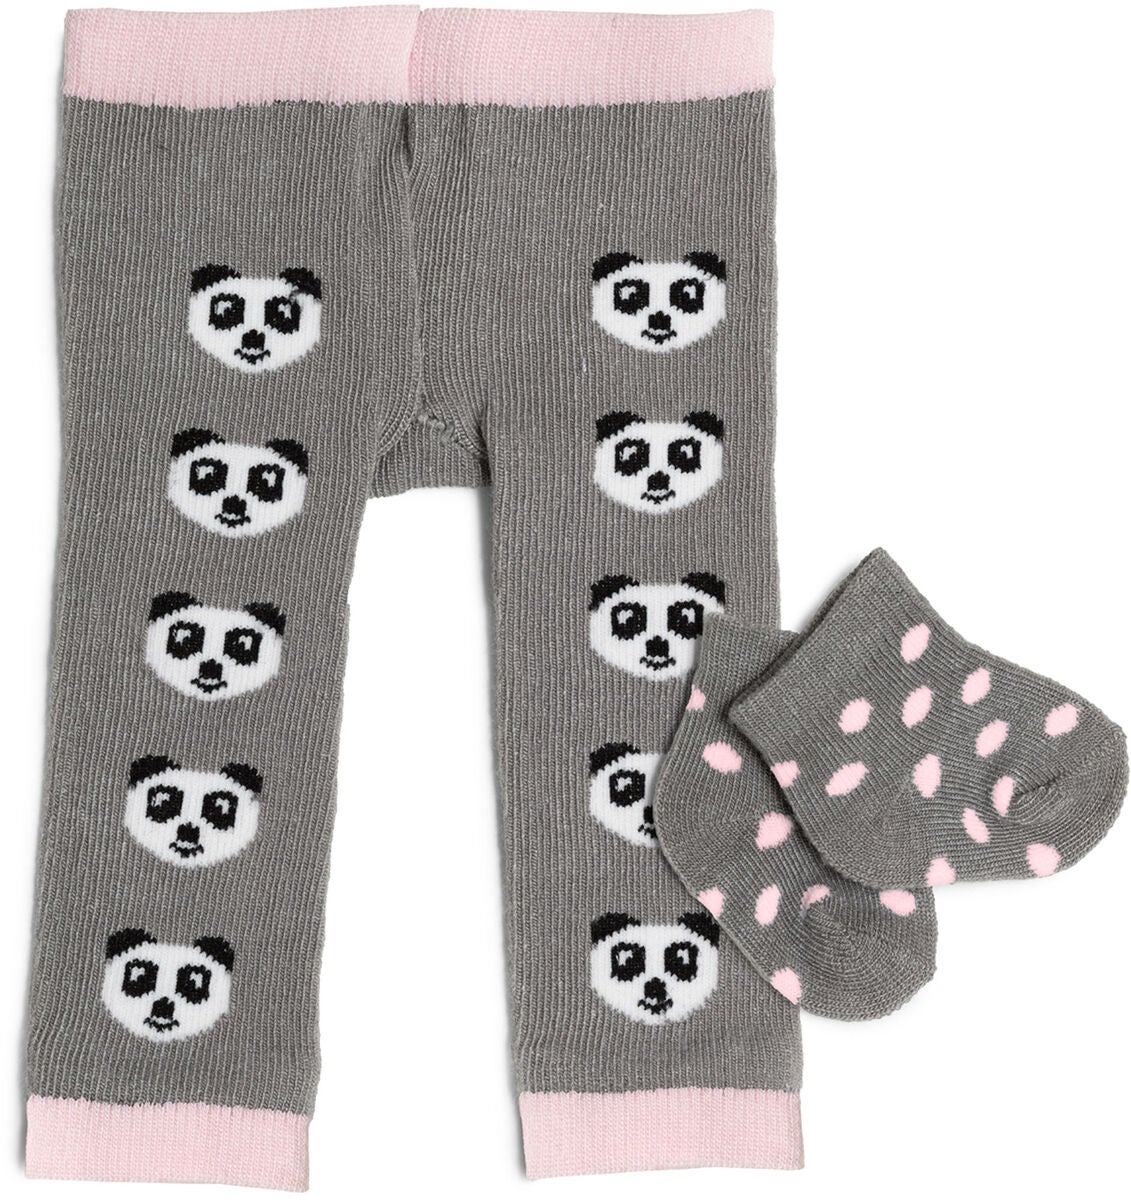 Köp Skrållan Dockkläder Tights Och Strumpor Panda, GråRosa